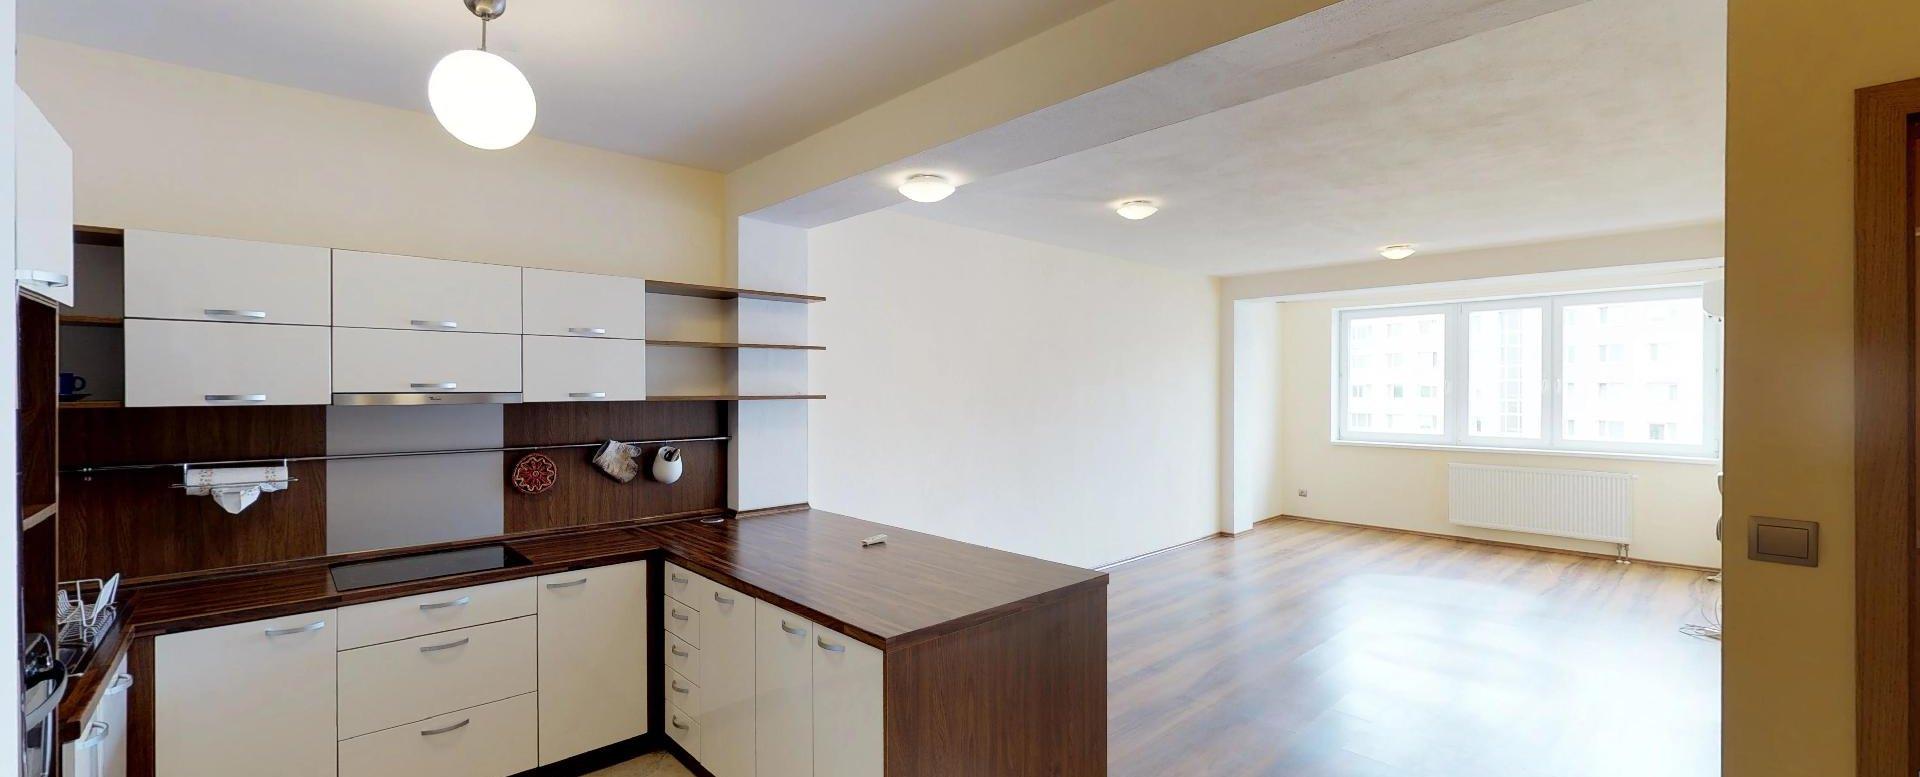 Pohľad do kuchyne a obývacej izby v 2-izbovom byte na Budatínskej uliciv Petržalke